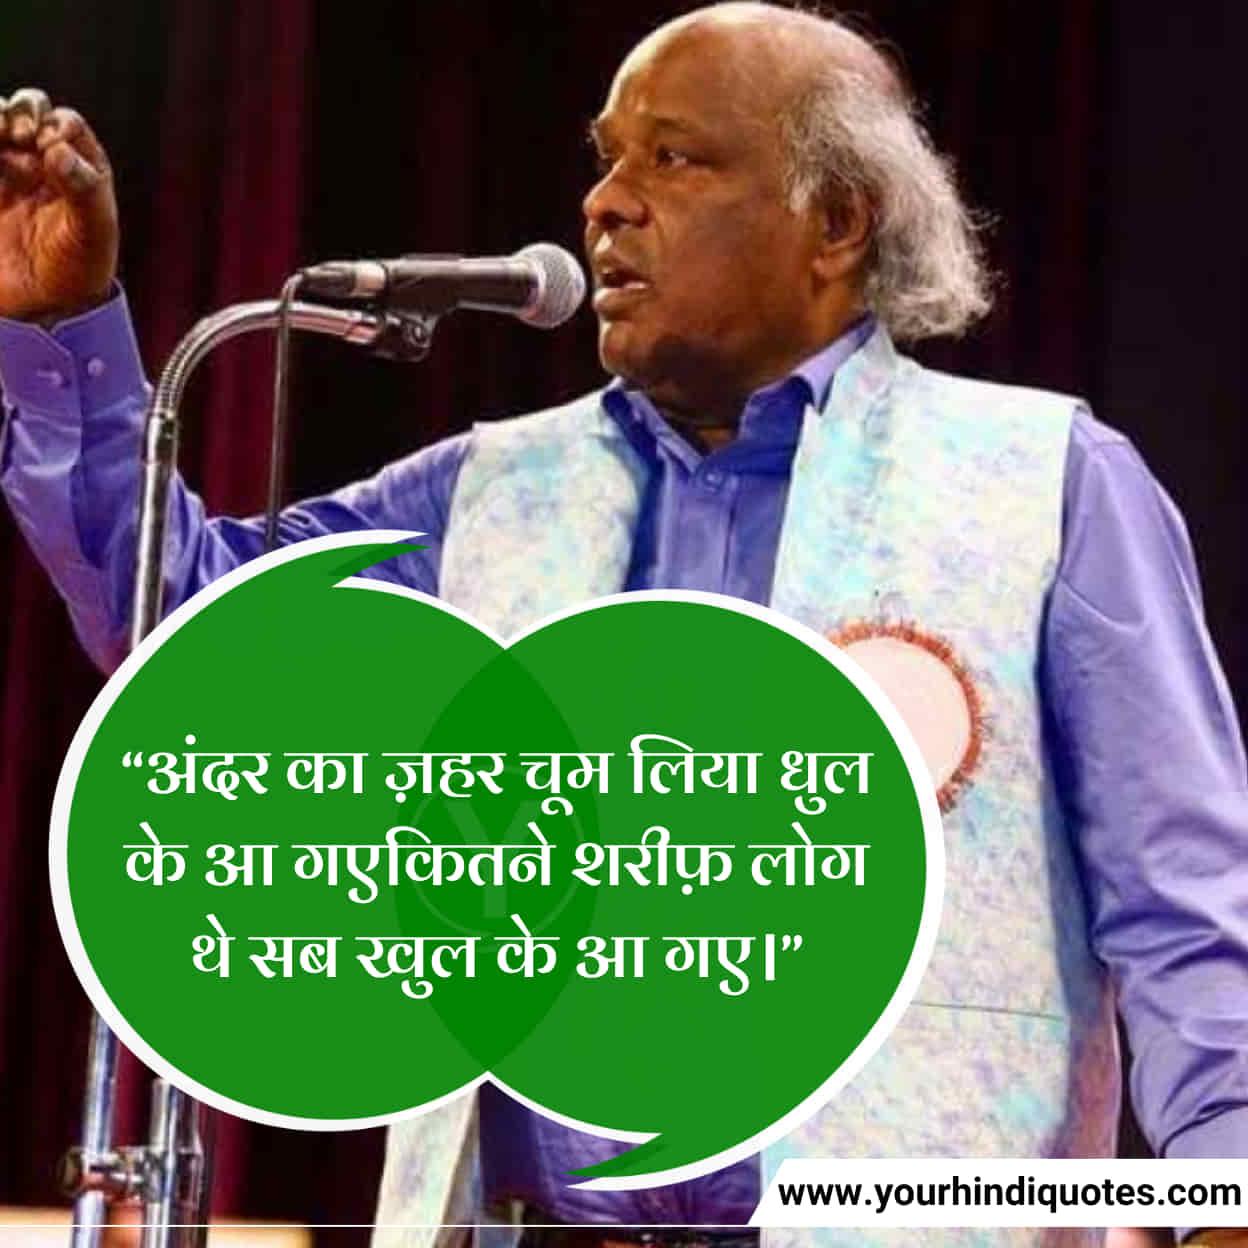 Rahat Indori Shayari on Life In Hindi